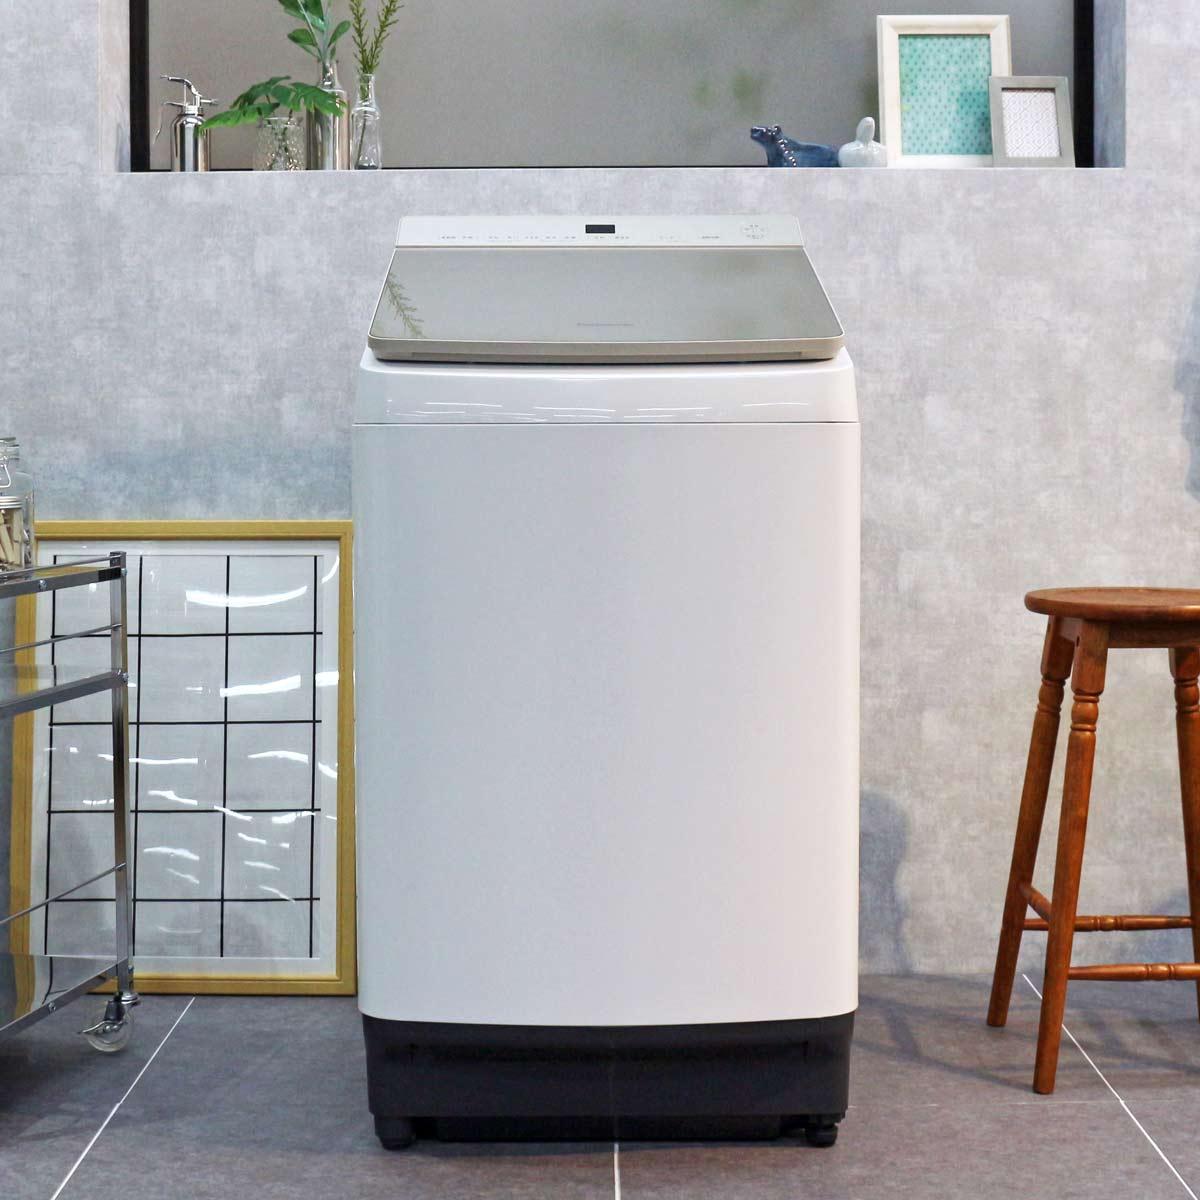 ついにパナソニックの縦型洗濯乾燥機にも洗剤・柔軟剤の自動投入機能が搭載!